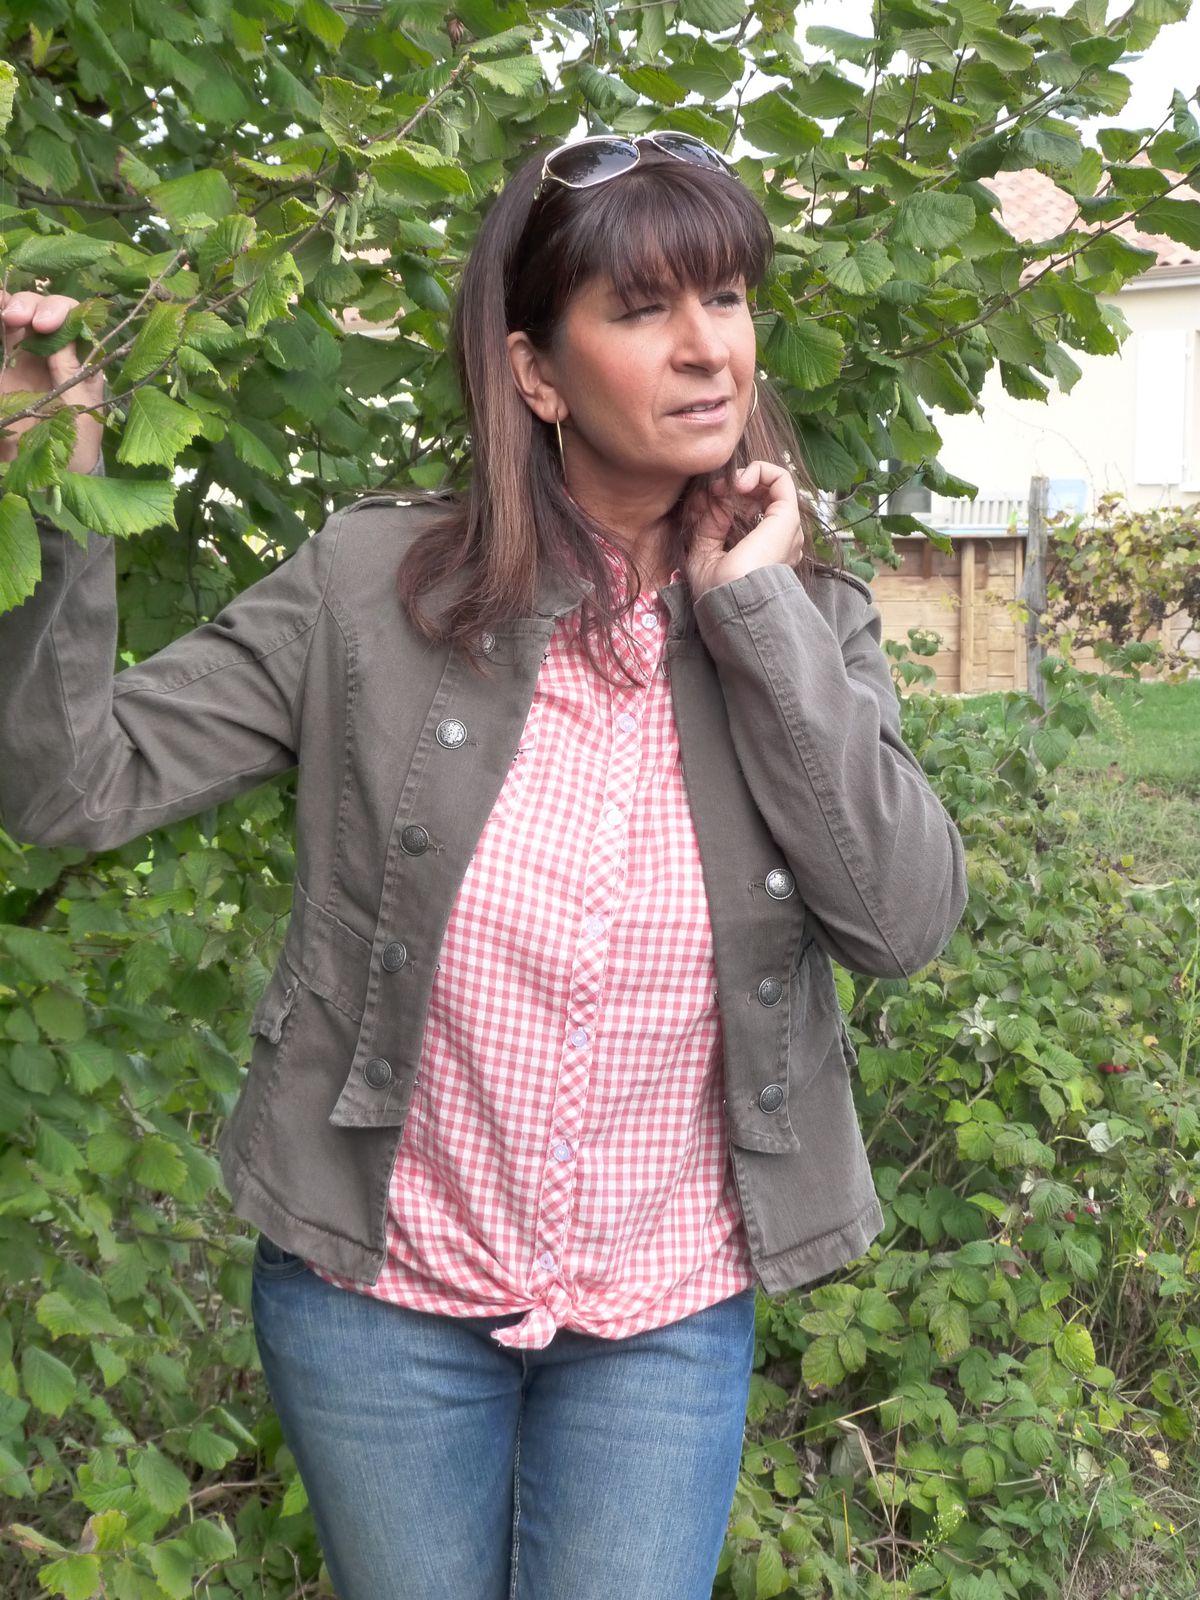 veste et chemise : PIMKIE  jeans  : CAMAIEU  bottines : MISS COQUINE.